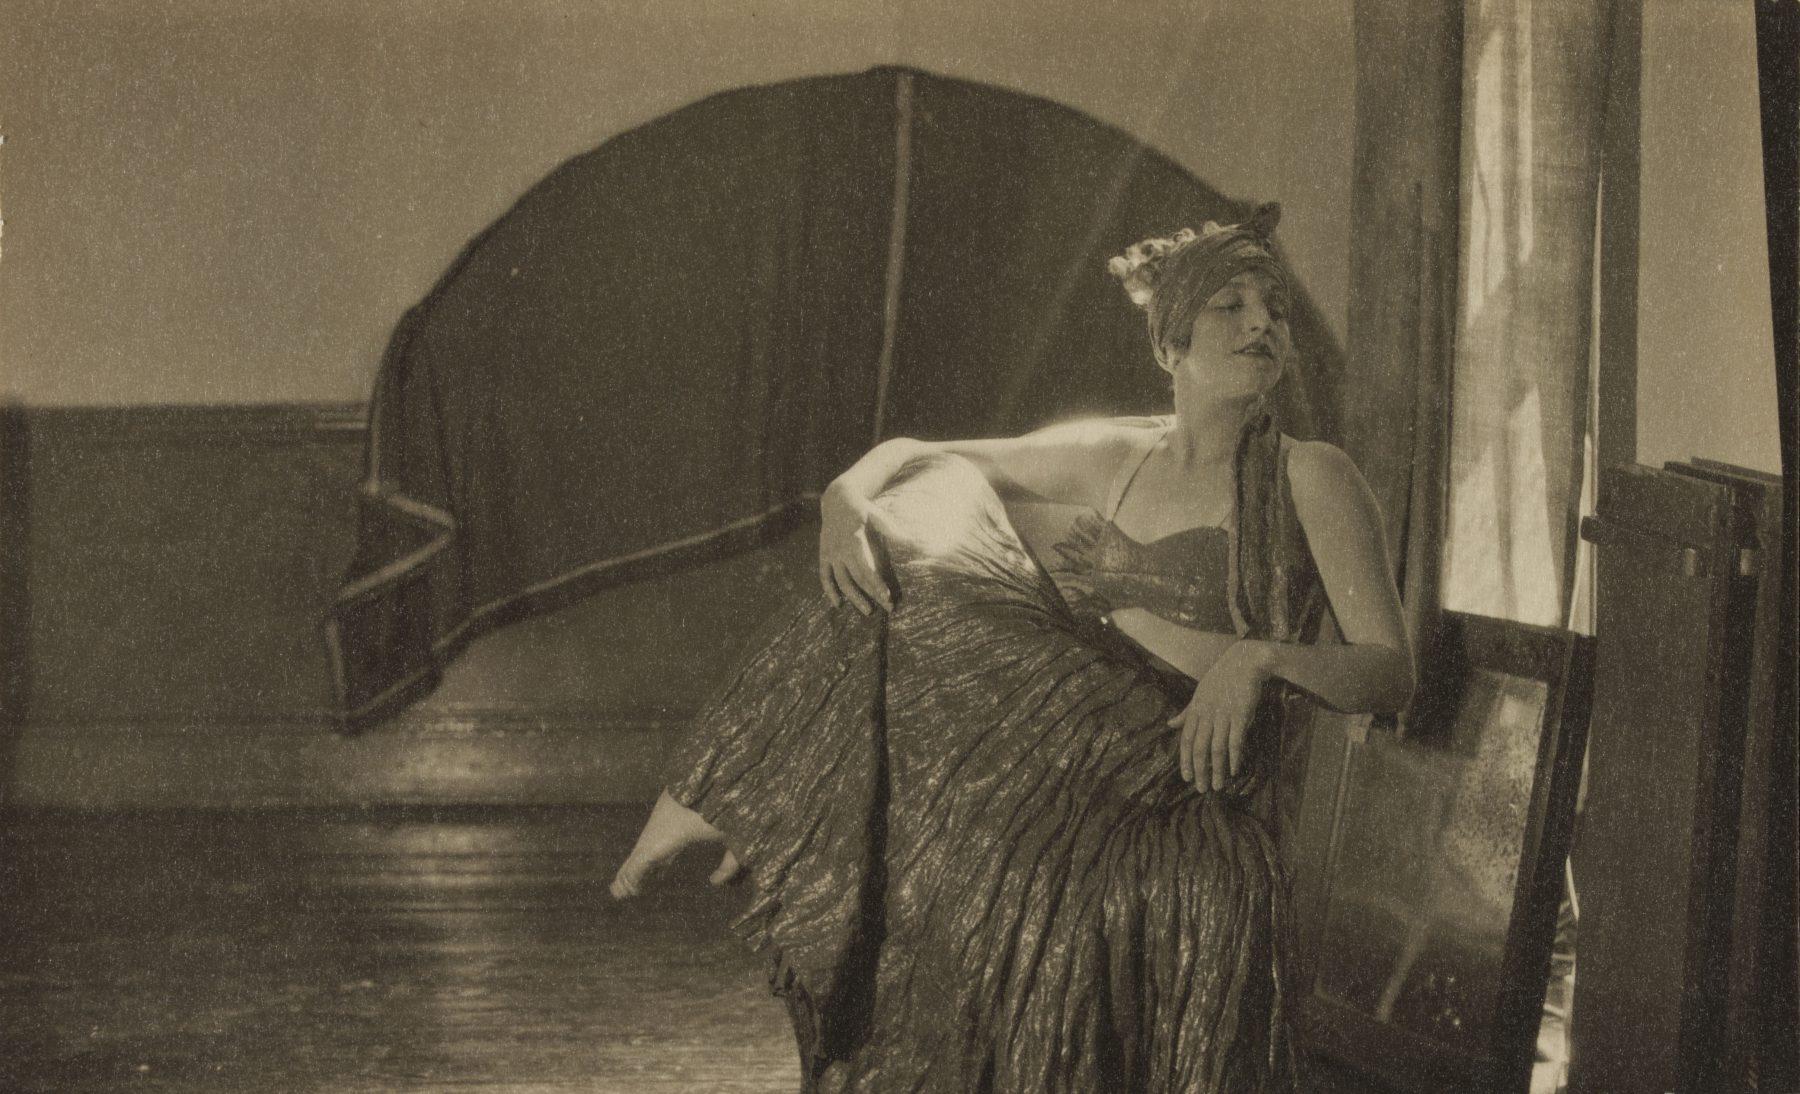 Schwarz-Weiß-Porträt von Curtis Moffat, Miss Hoffman, Frau, um 1925-30